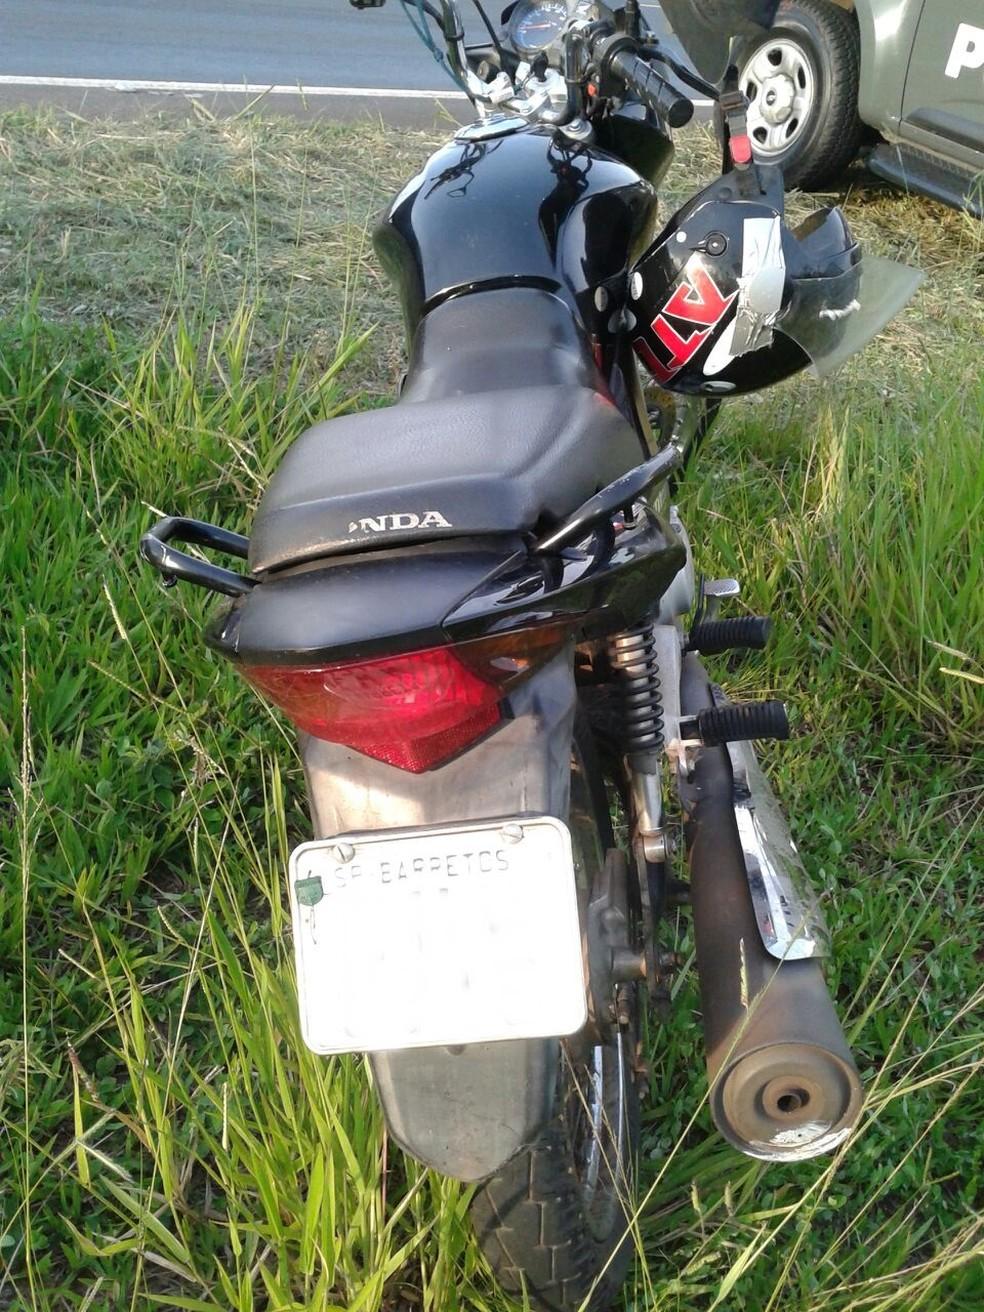 Suspeitos estavam em uma moto com placas de Barretos (Foto: Divulgação / Polícia Militar)